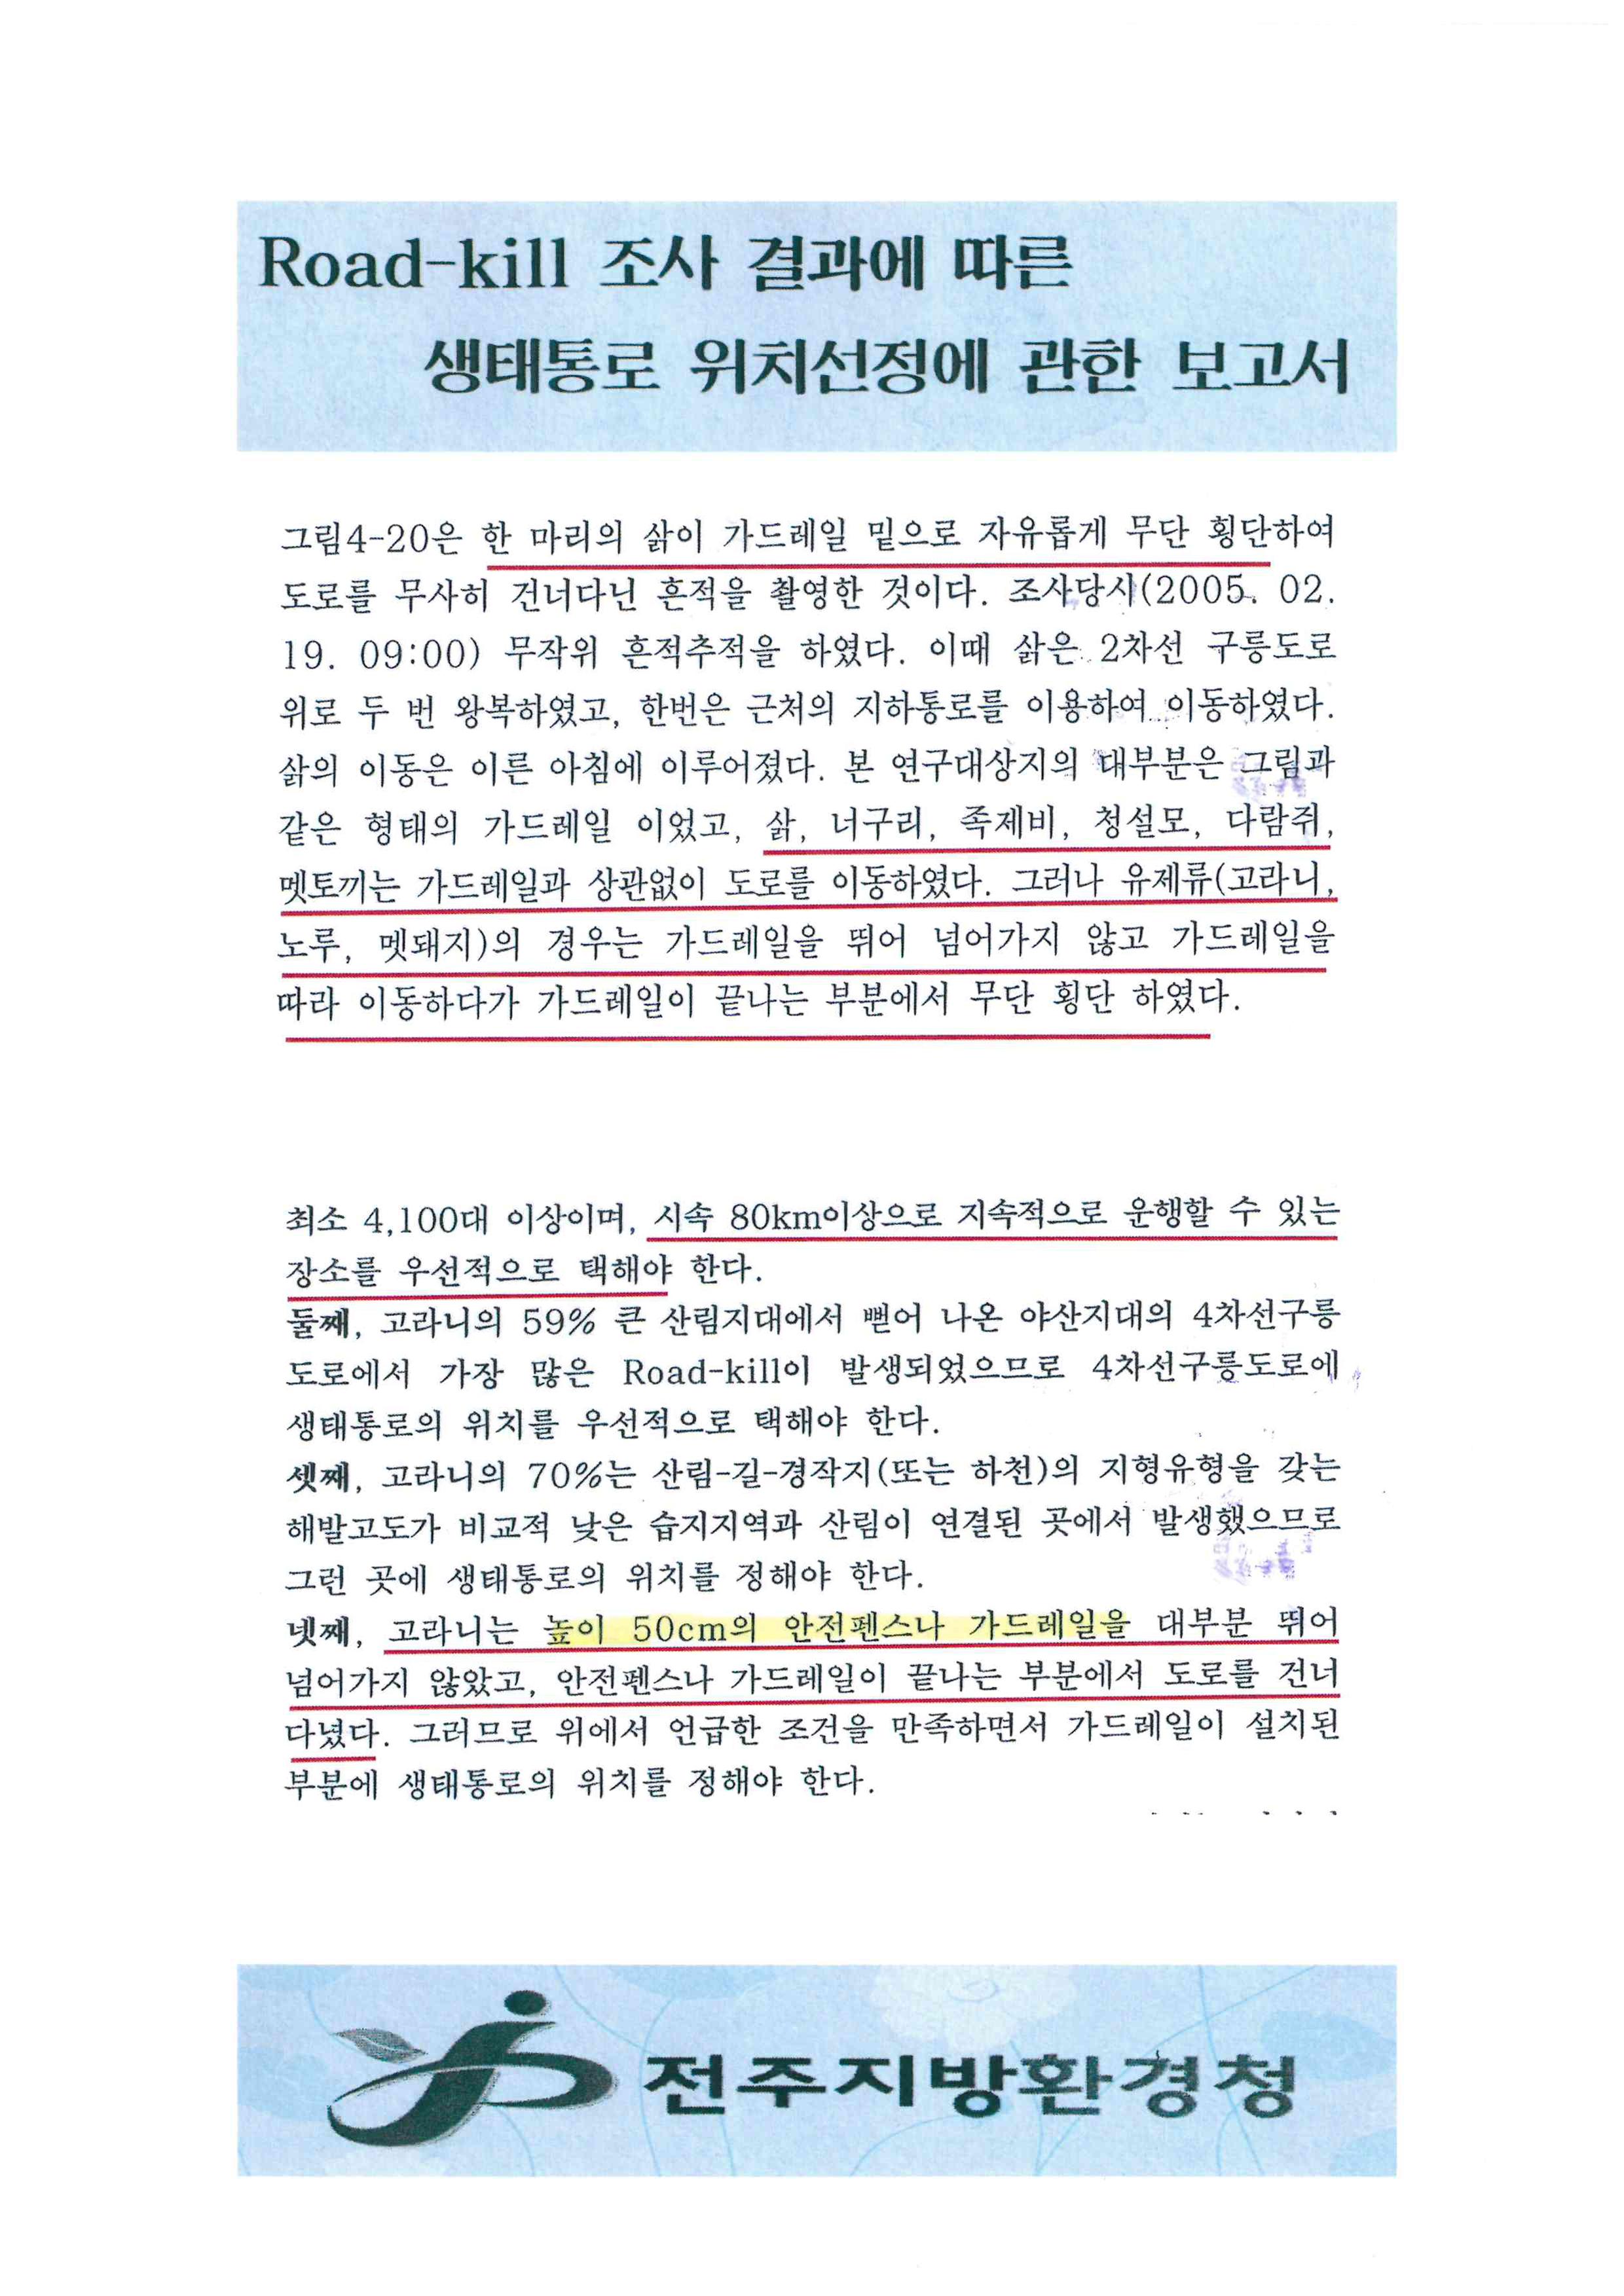 15-위치선정보고 copy.JPG